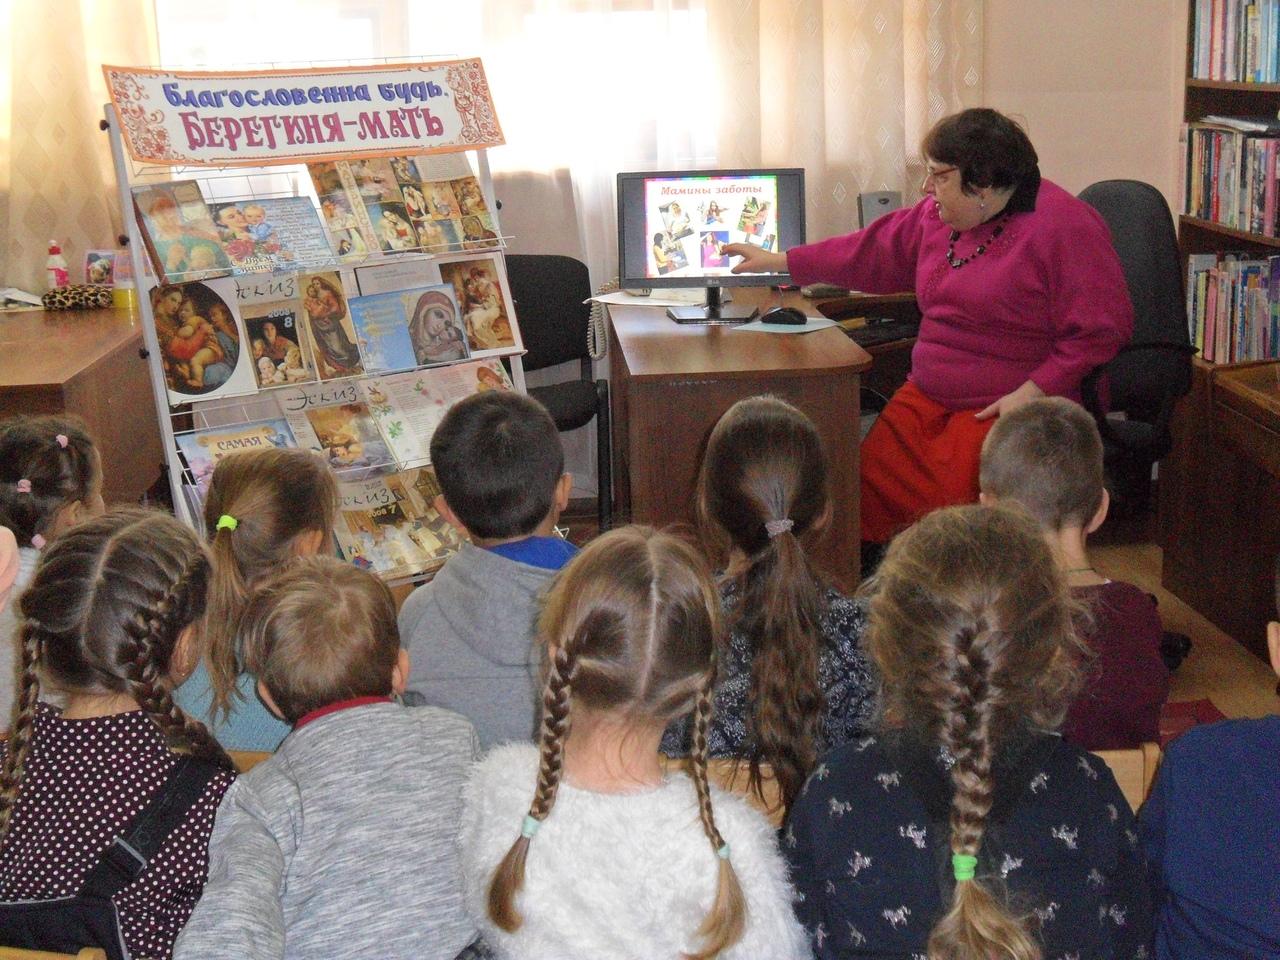 донецкая республиканская библиотека для детей, отдел искусств, с библиотекой интересно, день матери, детям обо всем на свете